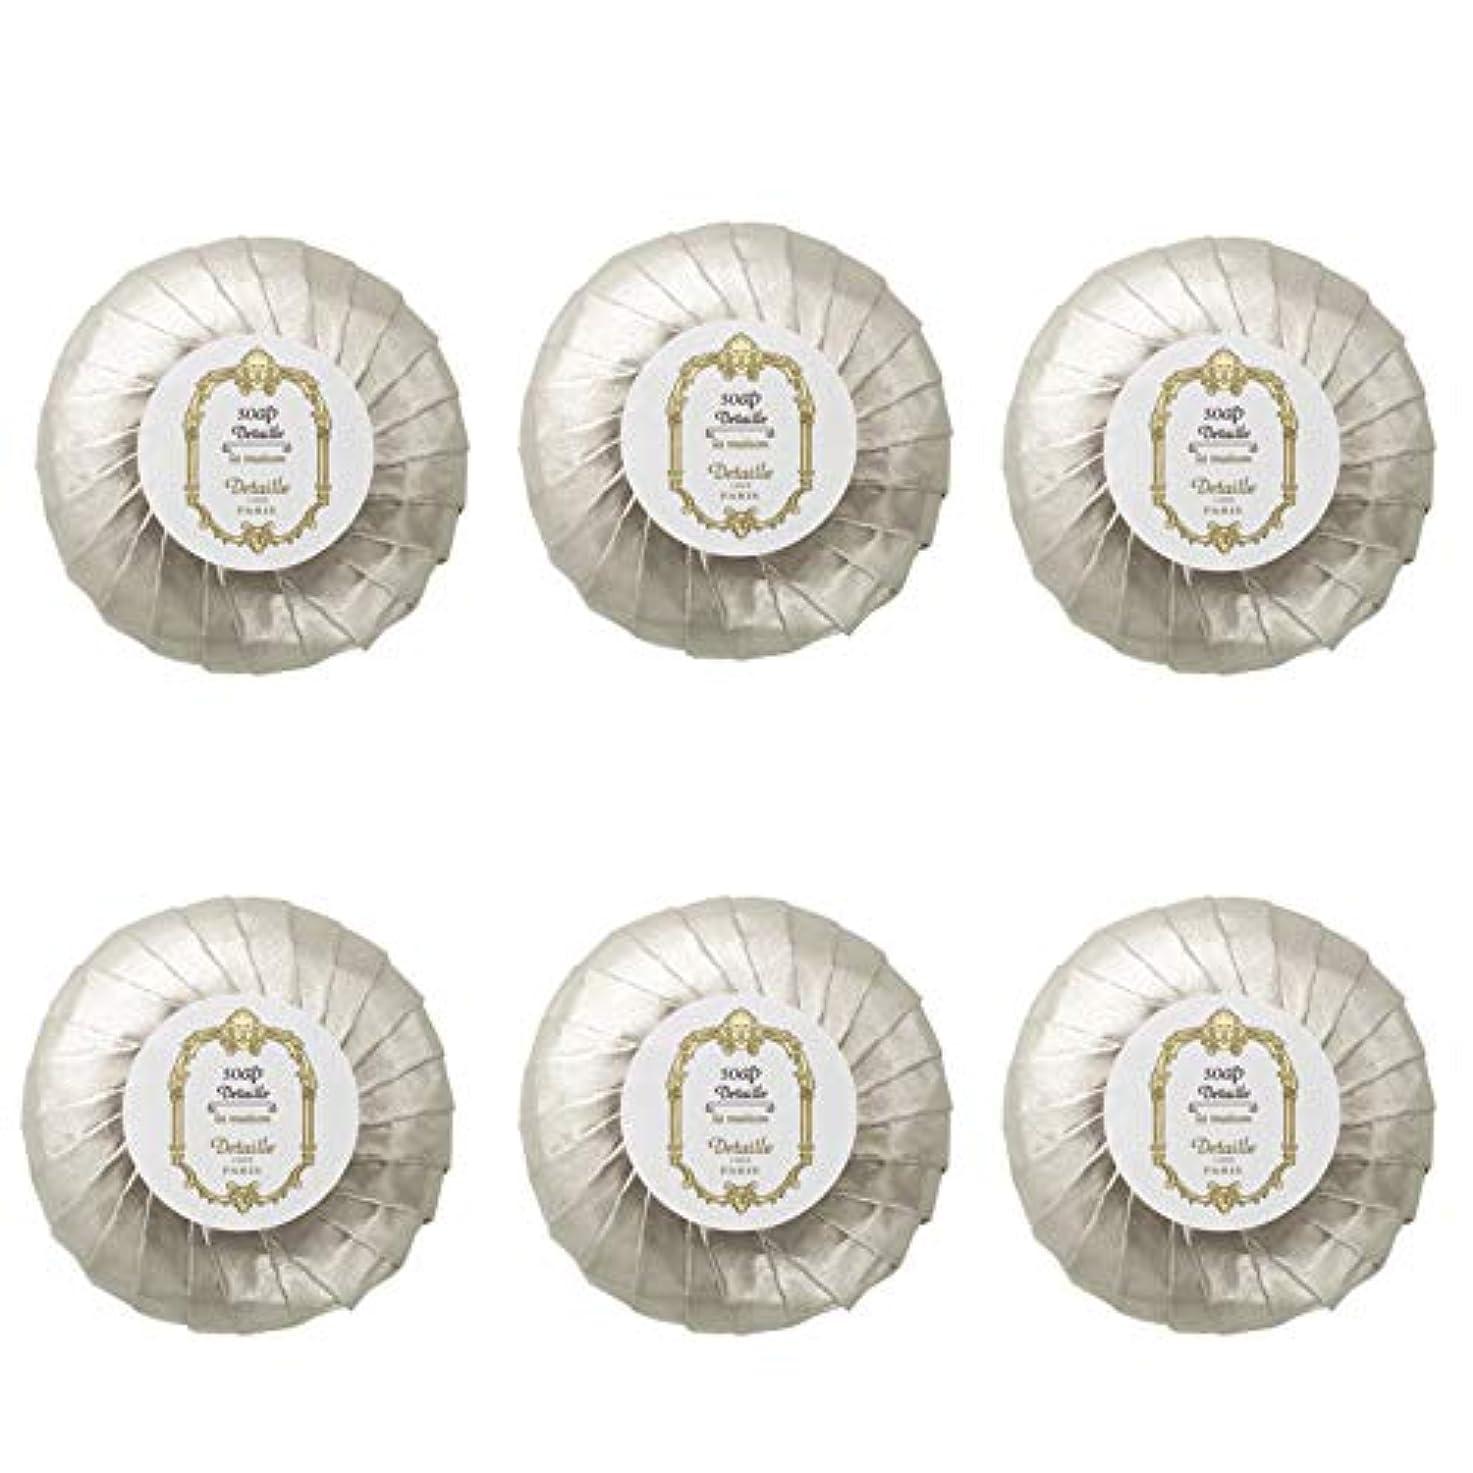 雰囲気エスカレーター前述のPOLA デタイユ ラ メゾン スキンソープ 固形石鹸 (プリーツ包装) 50g×6個